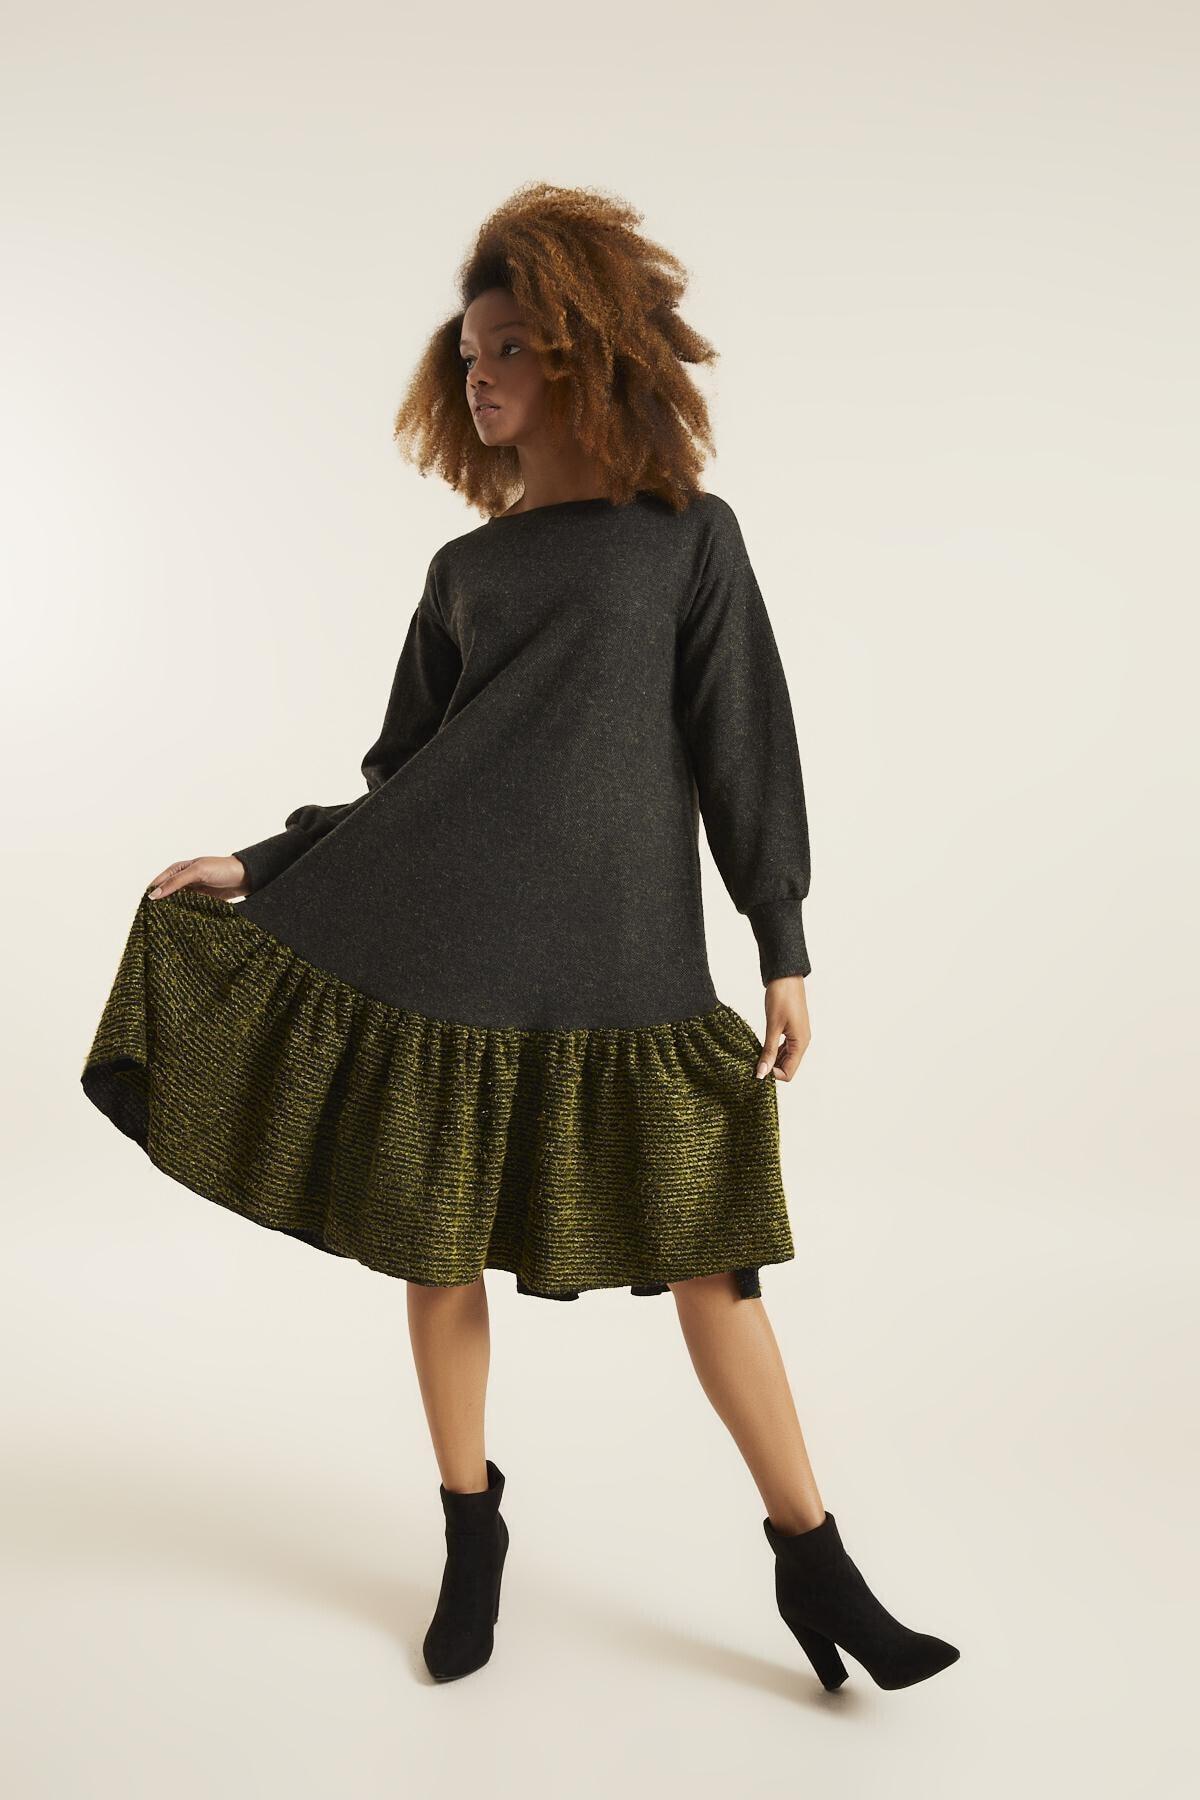 Quincey Kadın Haki Örme Elbise 2